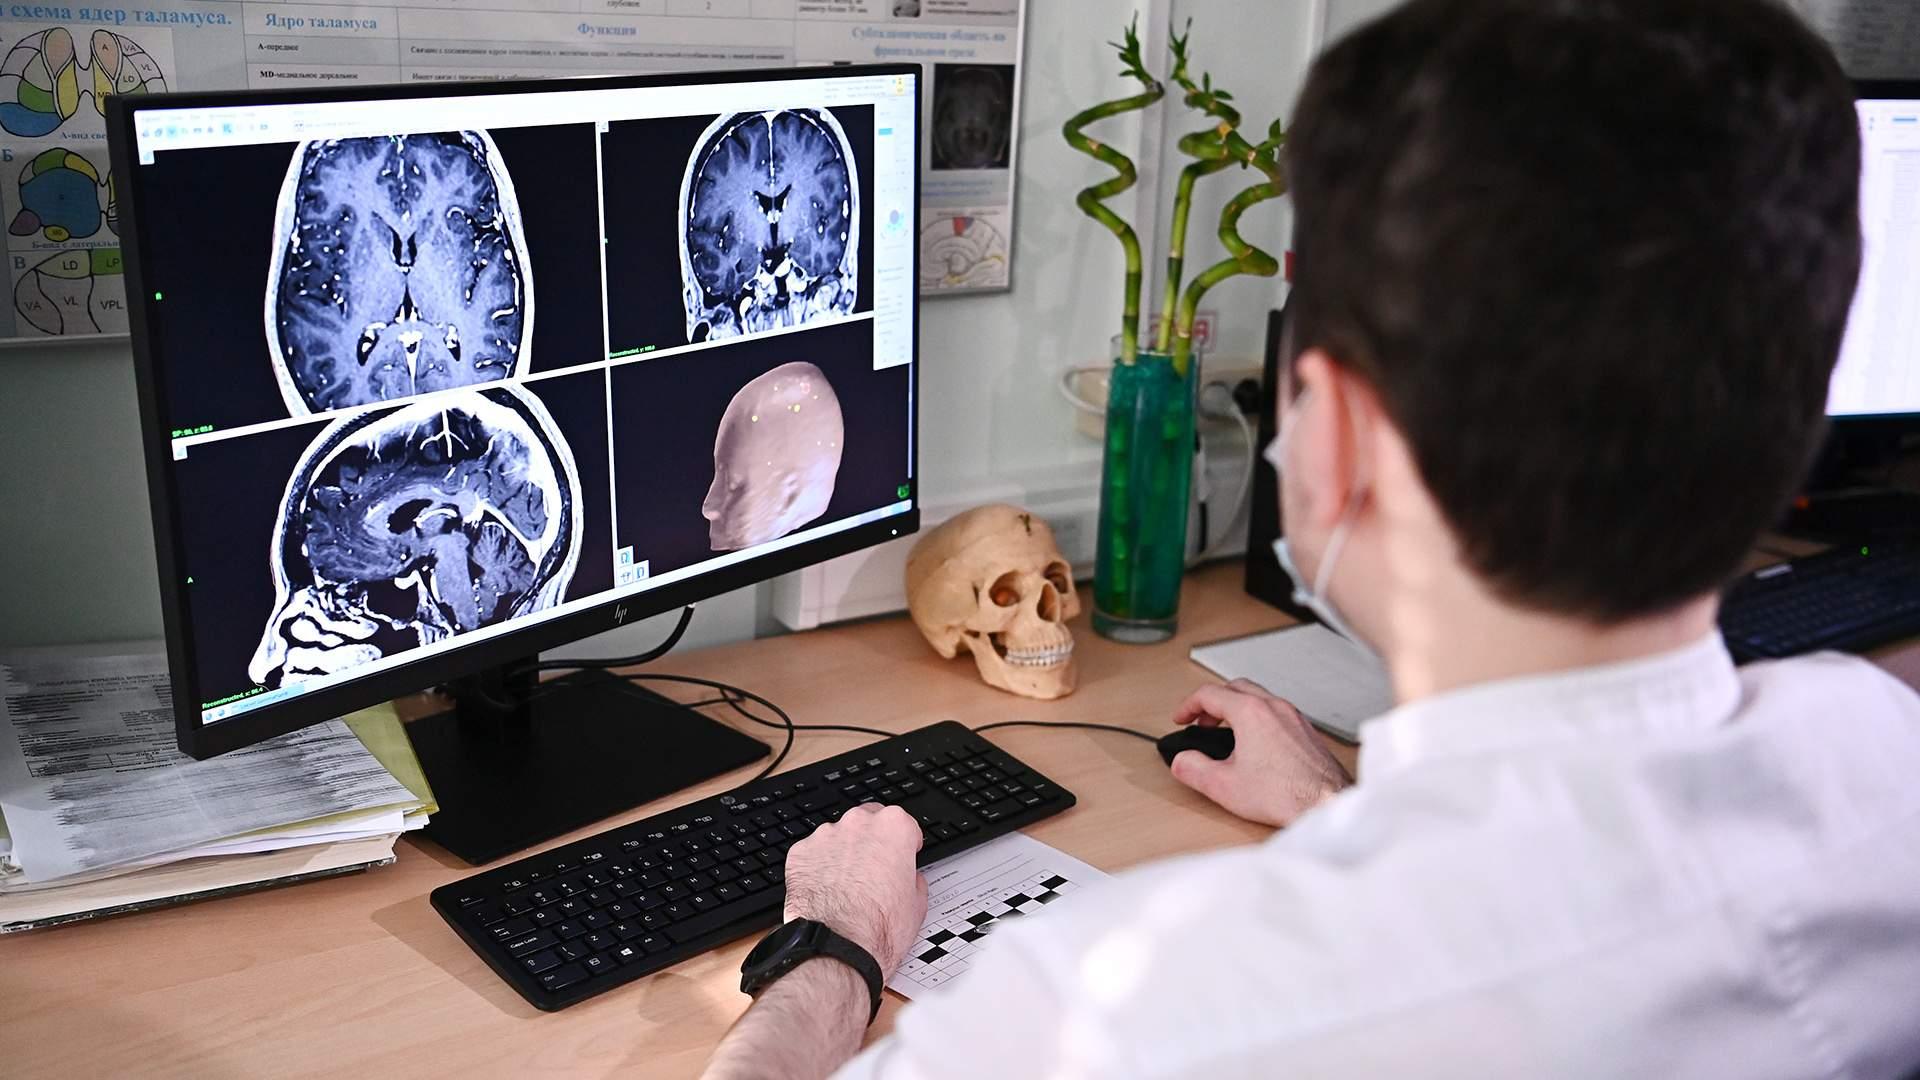 онкология на экране